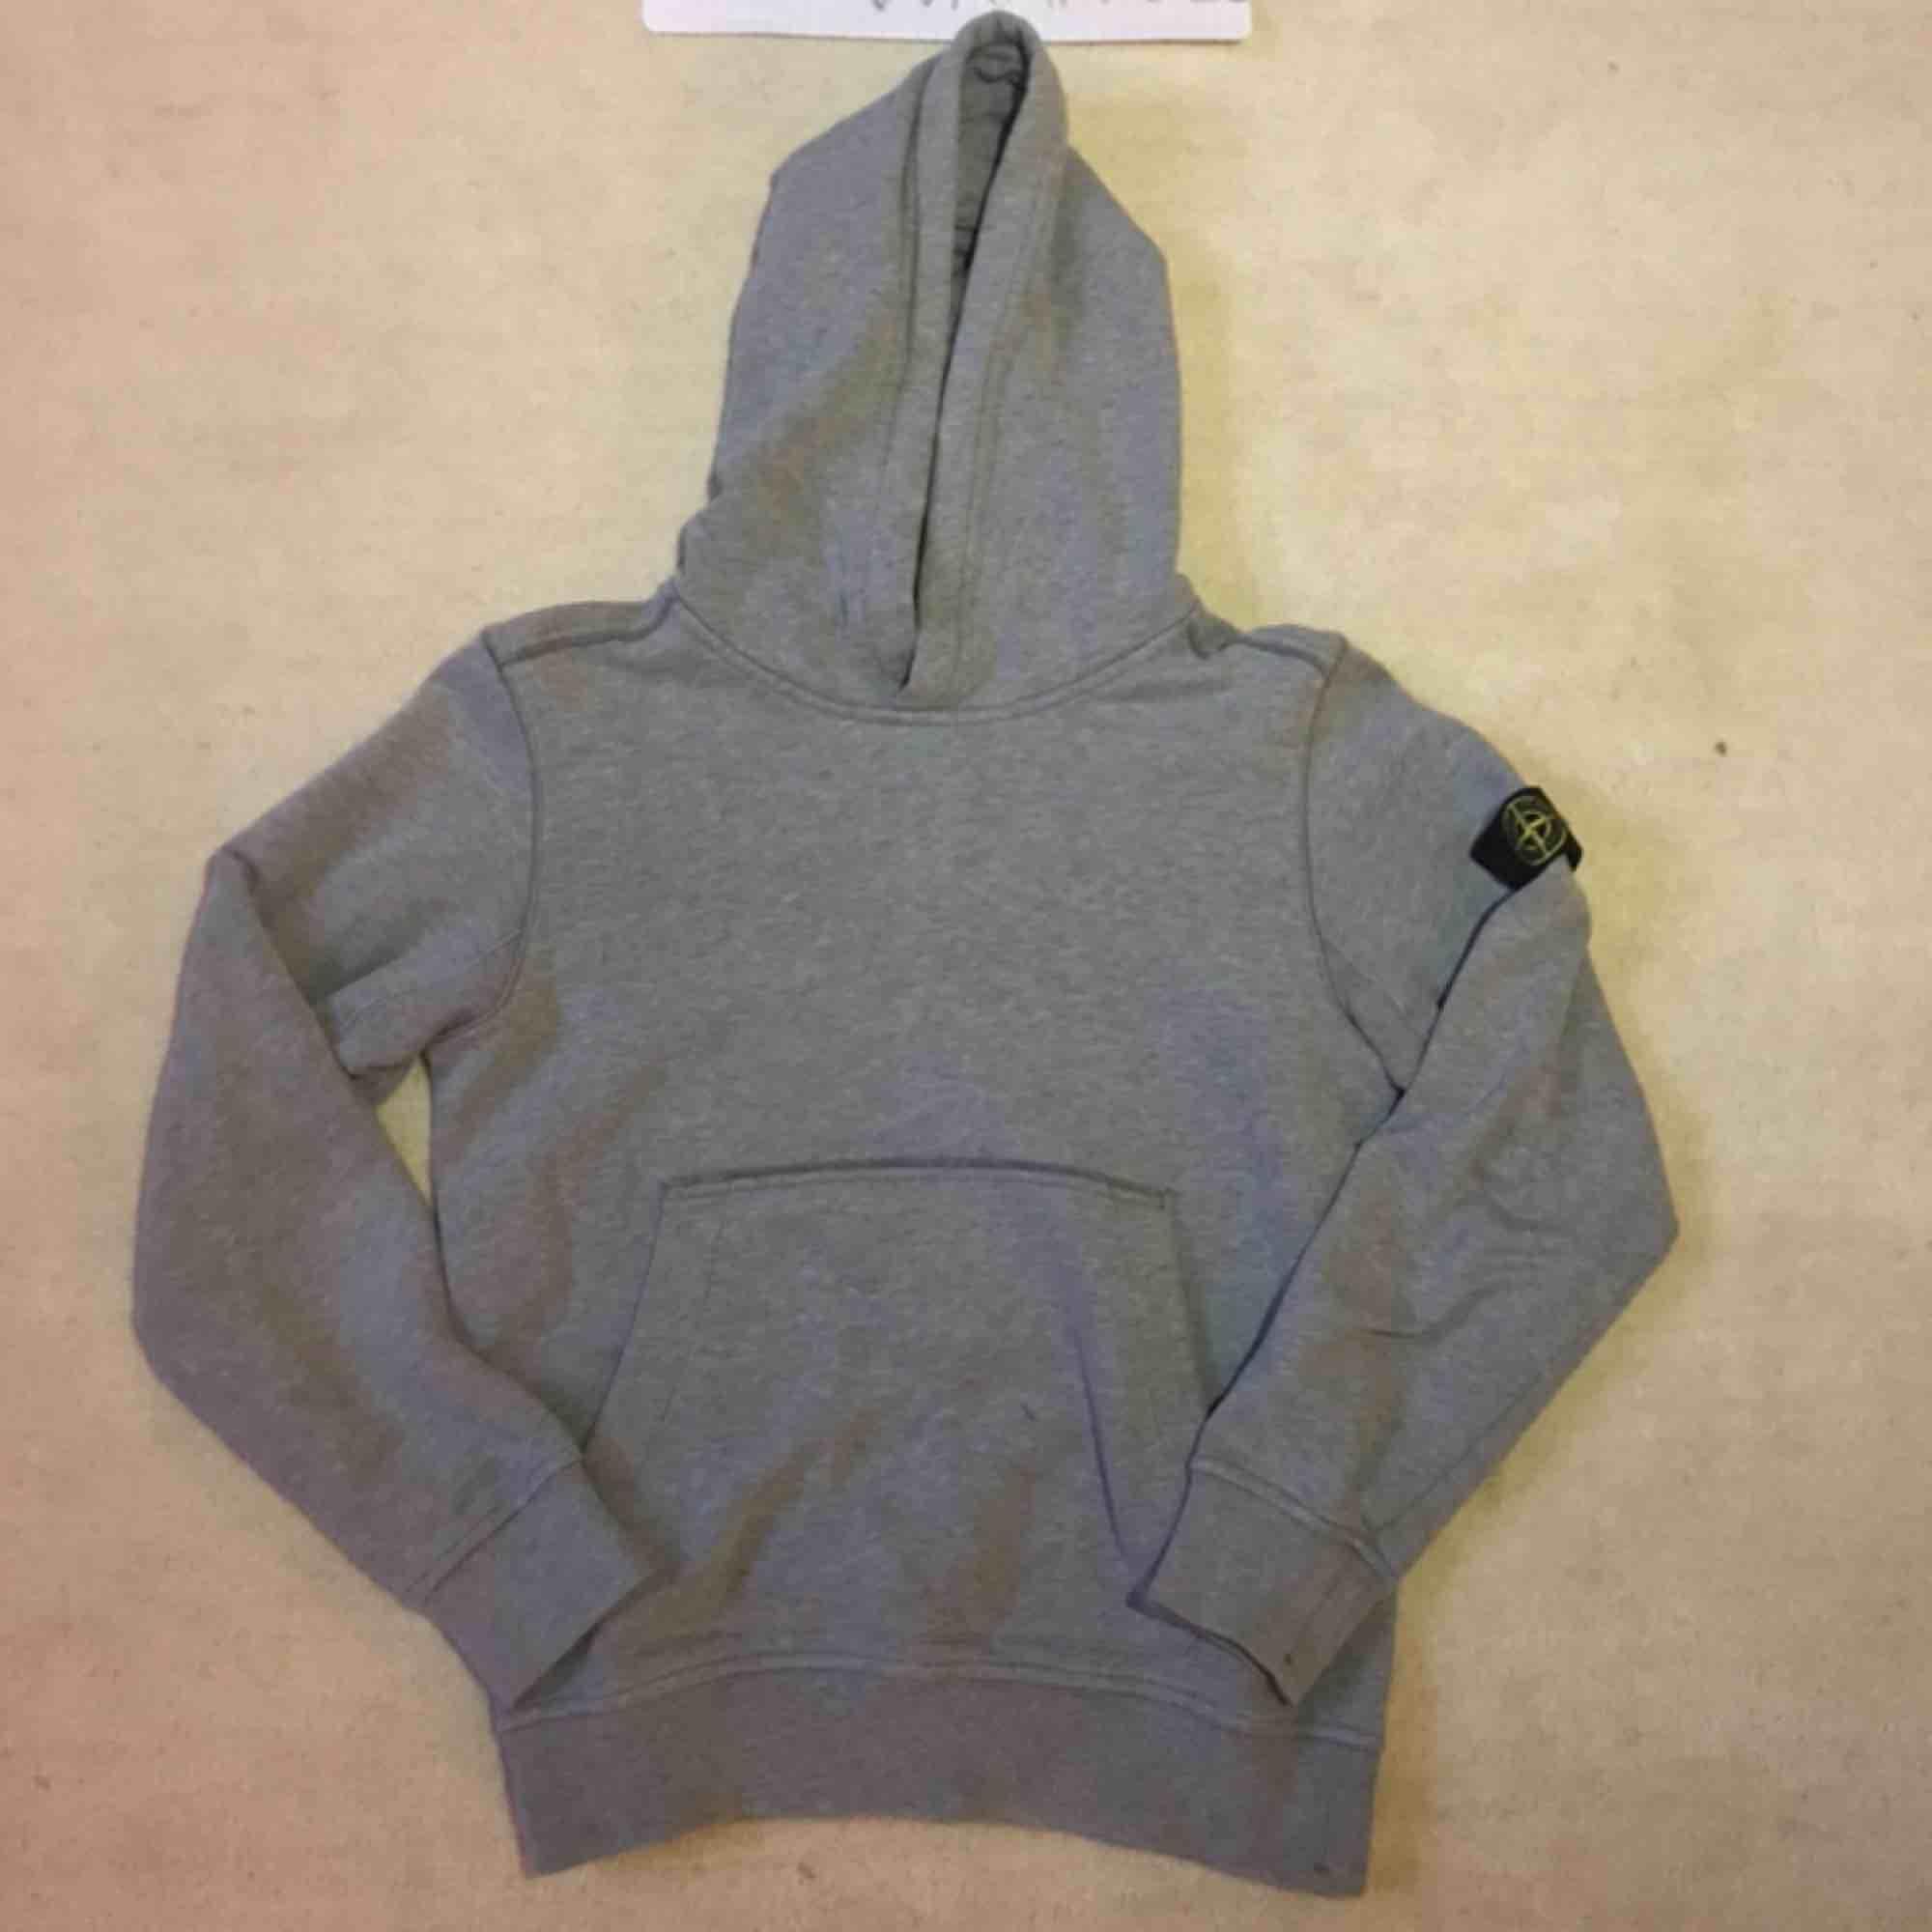 Stone Island Junior hoodie, grå. Cond: 7/10, liten fläck som ska bli åtgärdad. Storlek: 142 men passar större. Huvtröjor & Träningströjor.